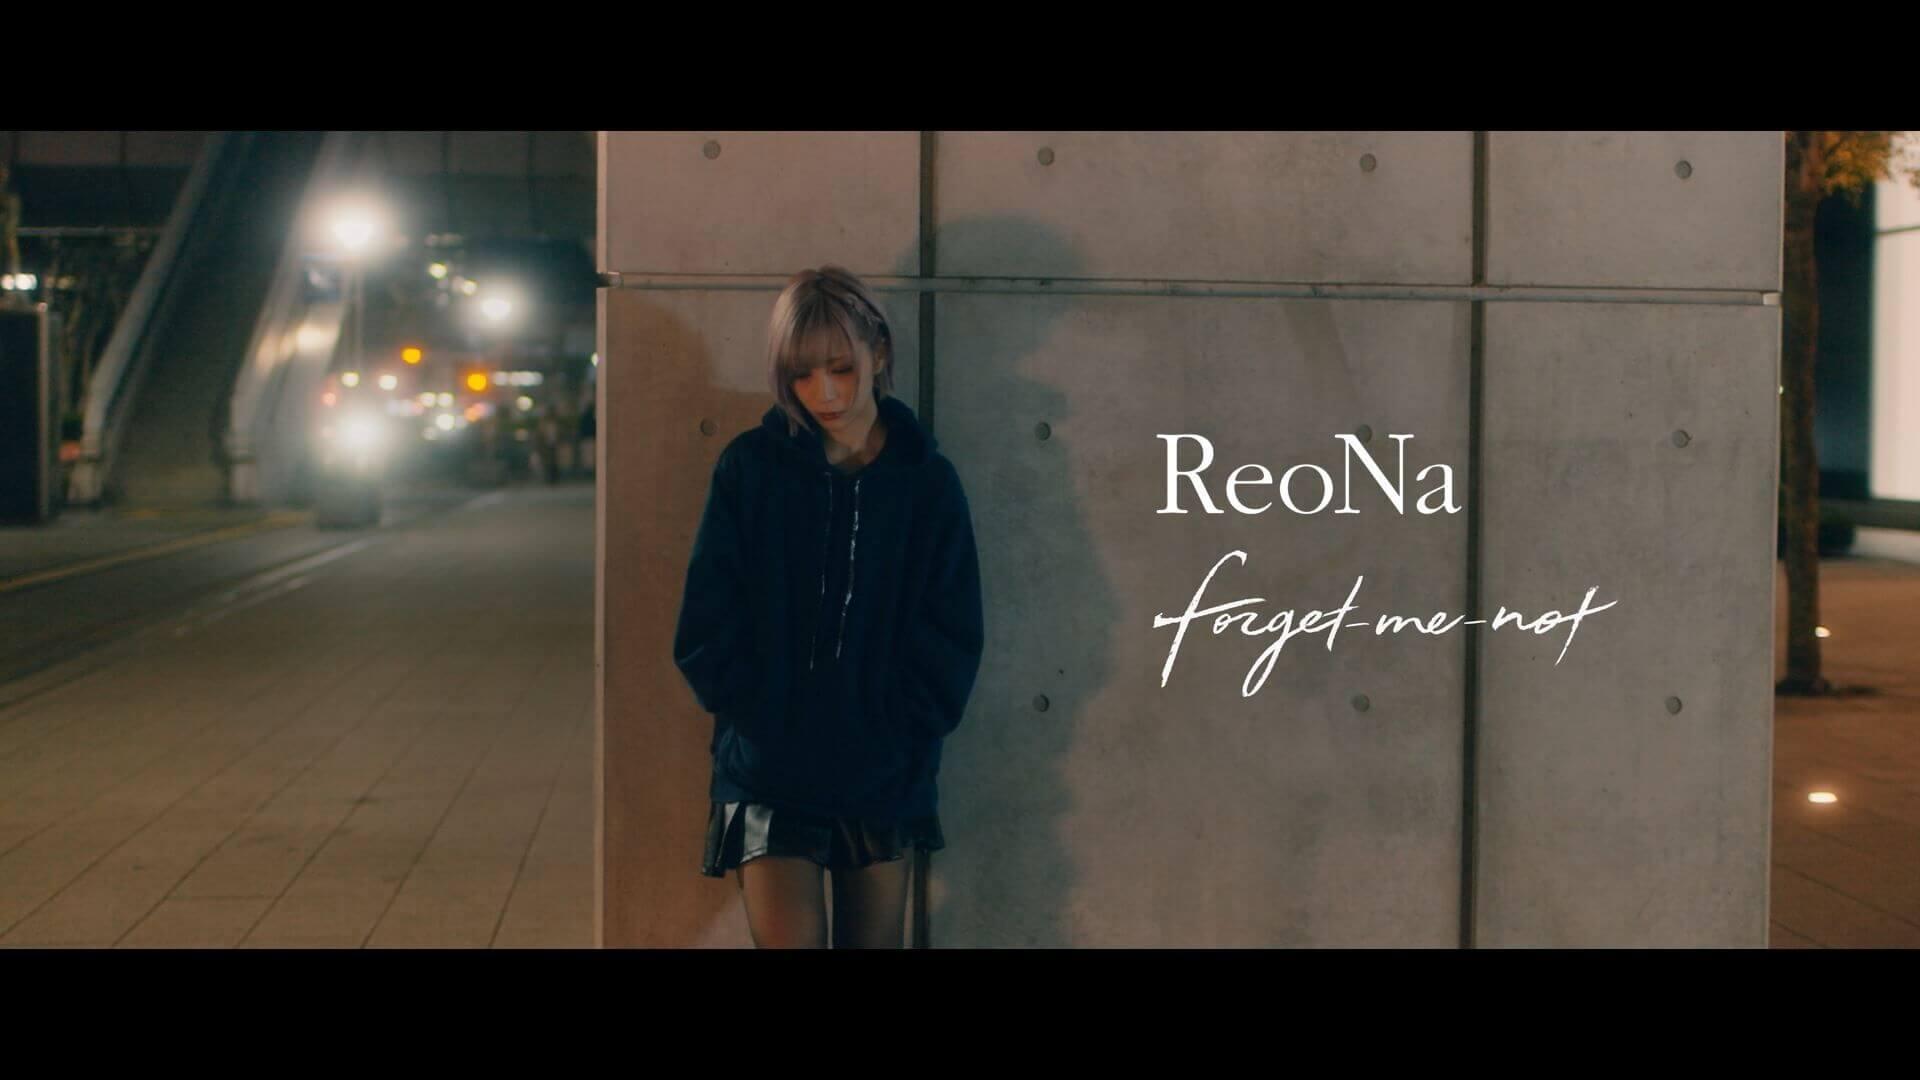 由ReoNa所配唱的電視動畫《刀劍神域》主題曲MV公開 ReoNa_、